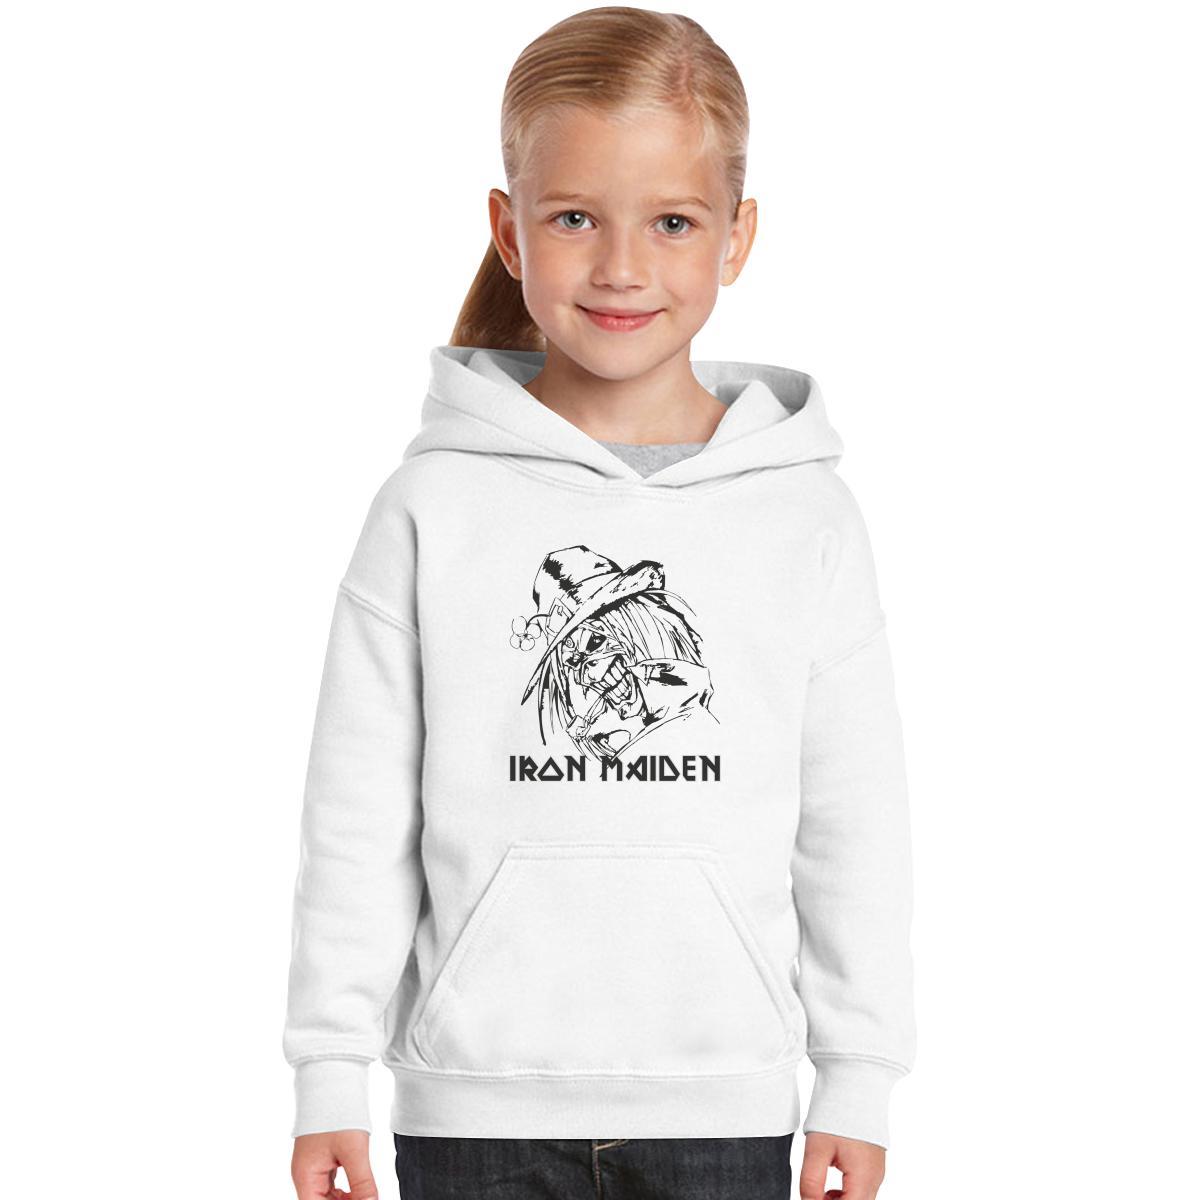 Iron Maiden Kids Hoodie | Customon.com